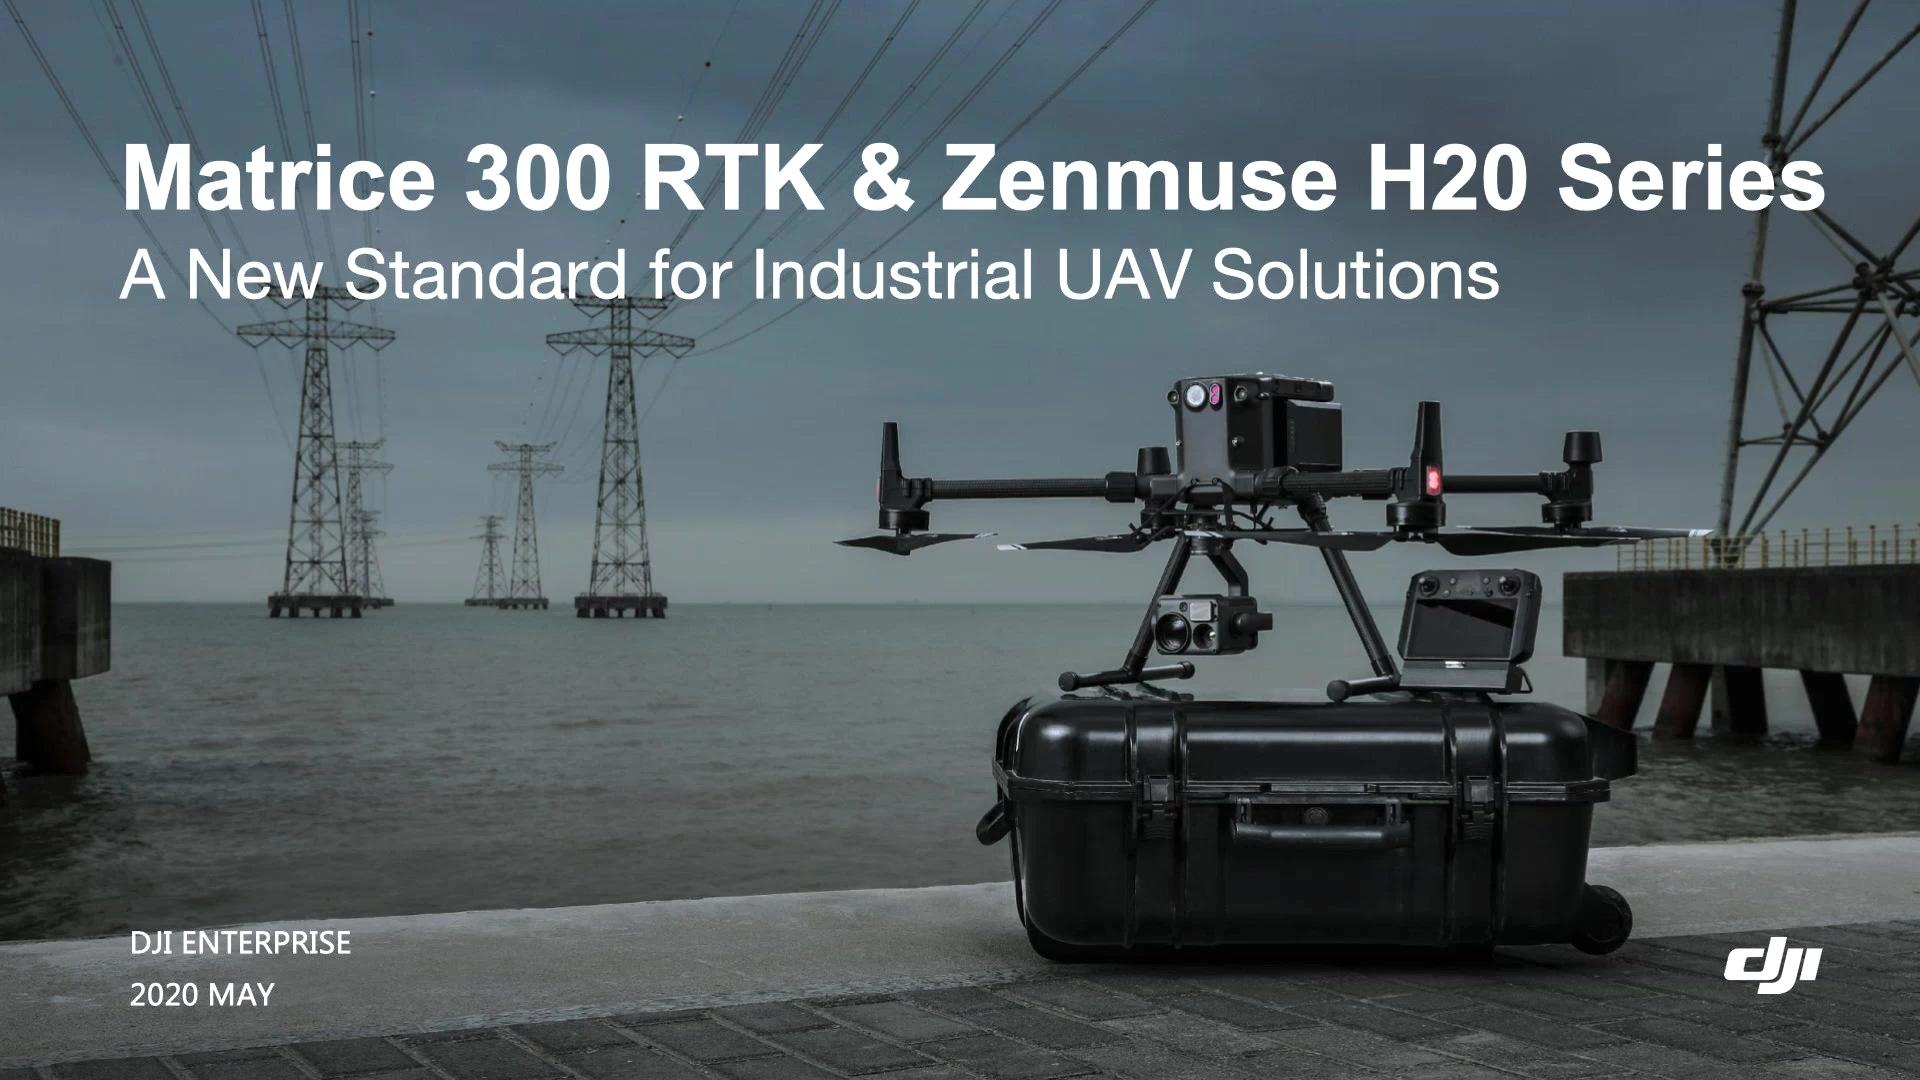 DJI Webinar Series_ Introducing Matrice 300 RTK & Zenmuse H20 Series (1)